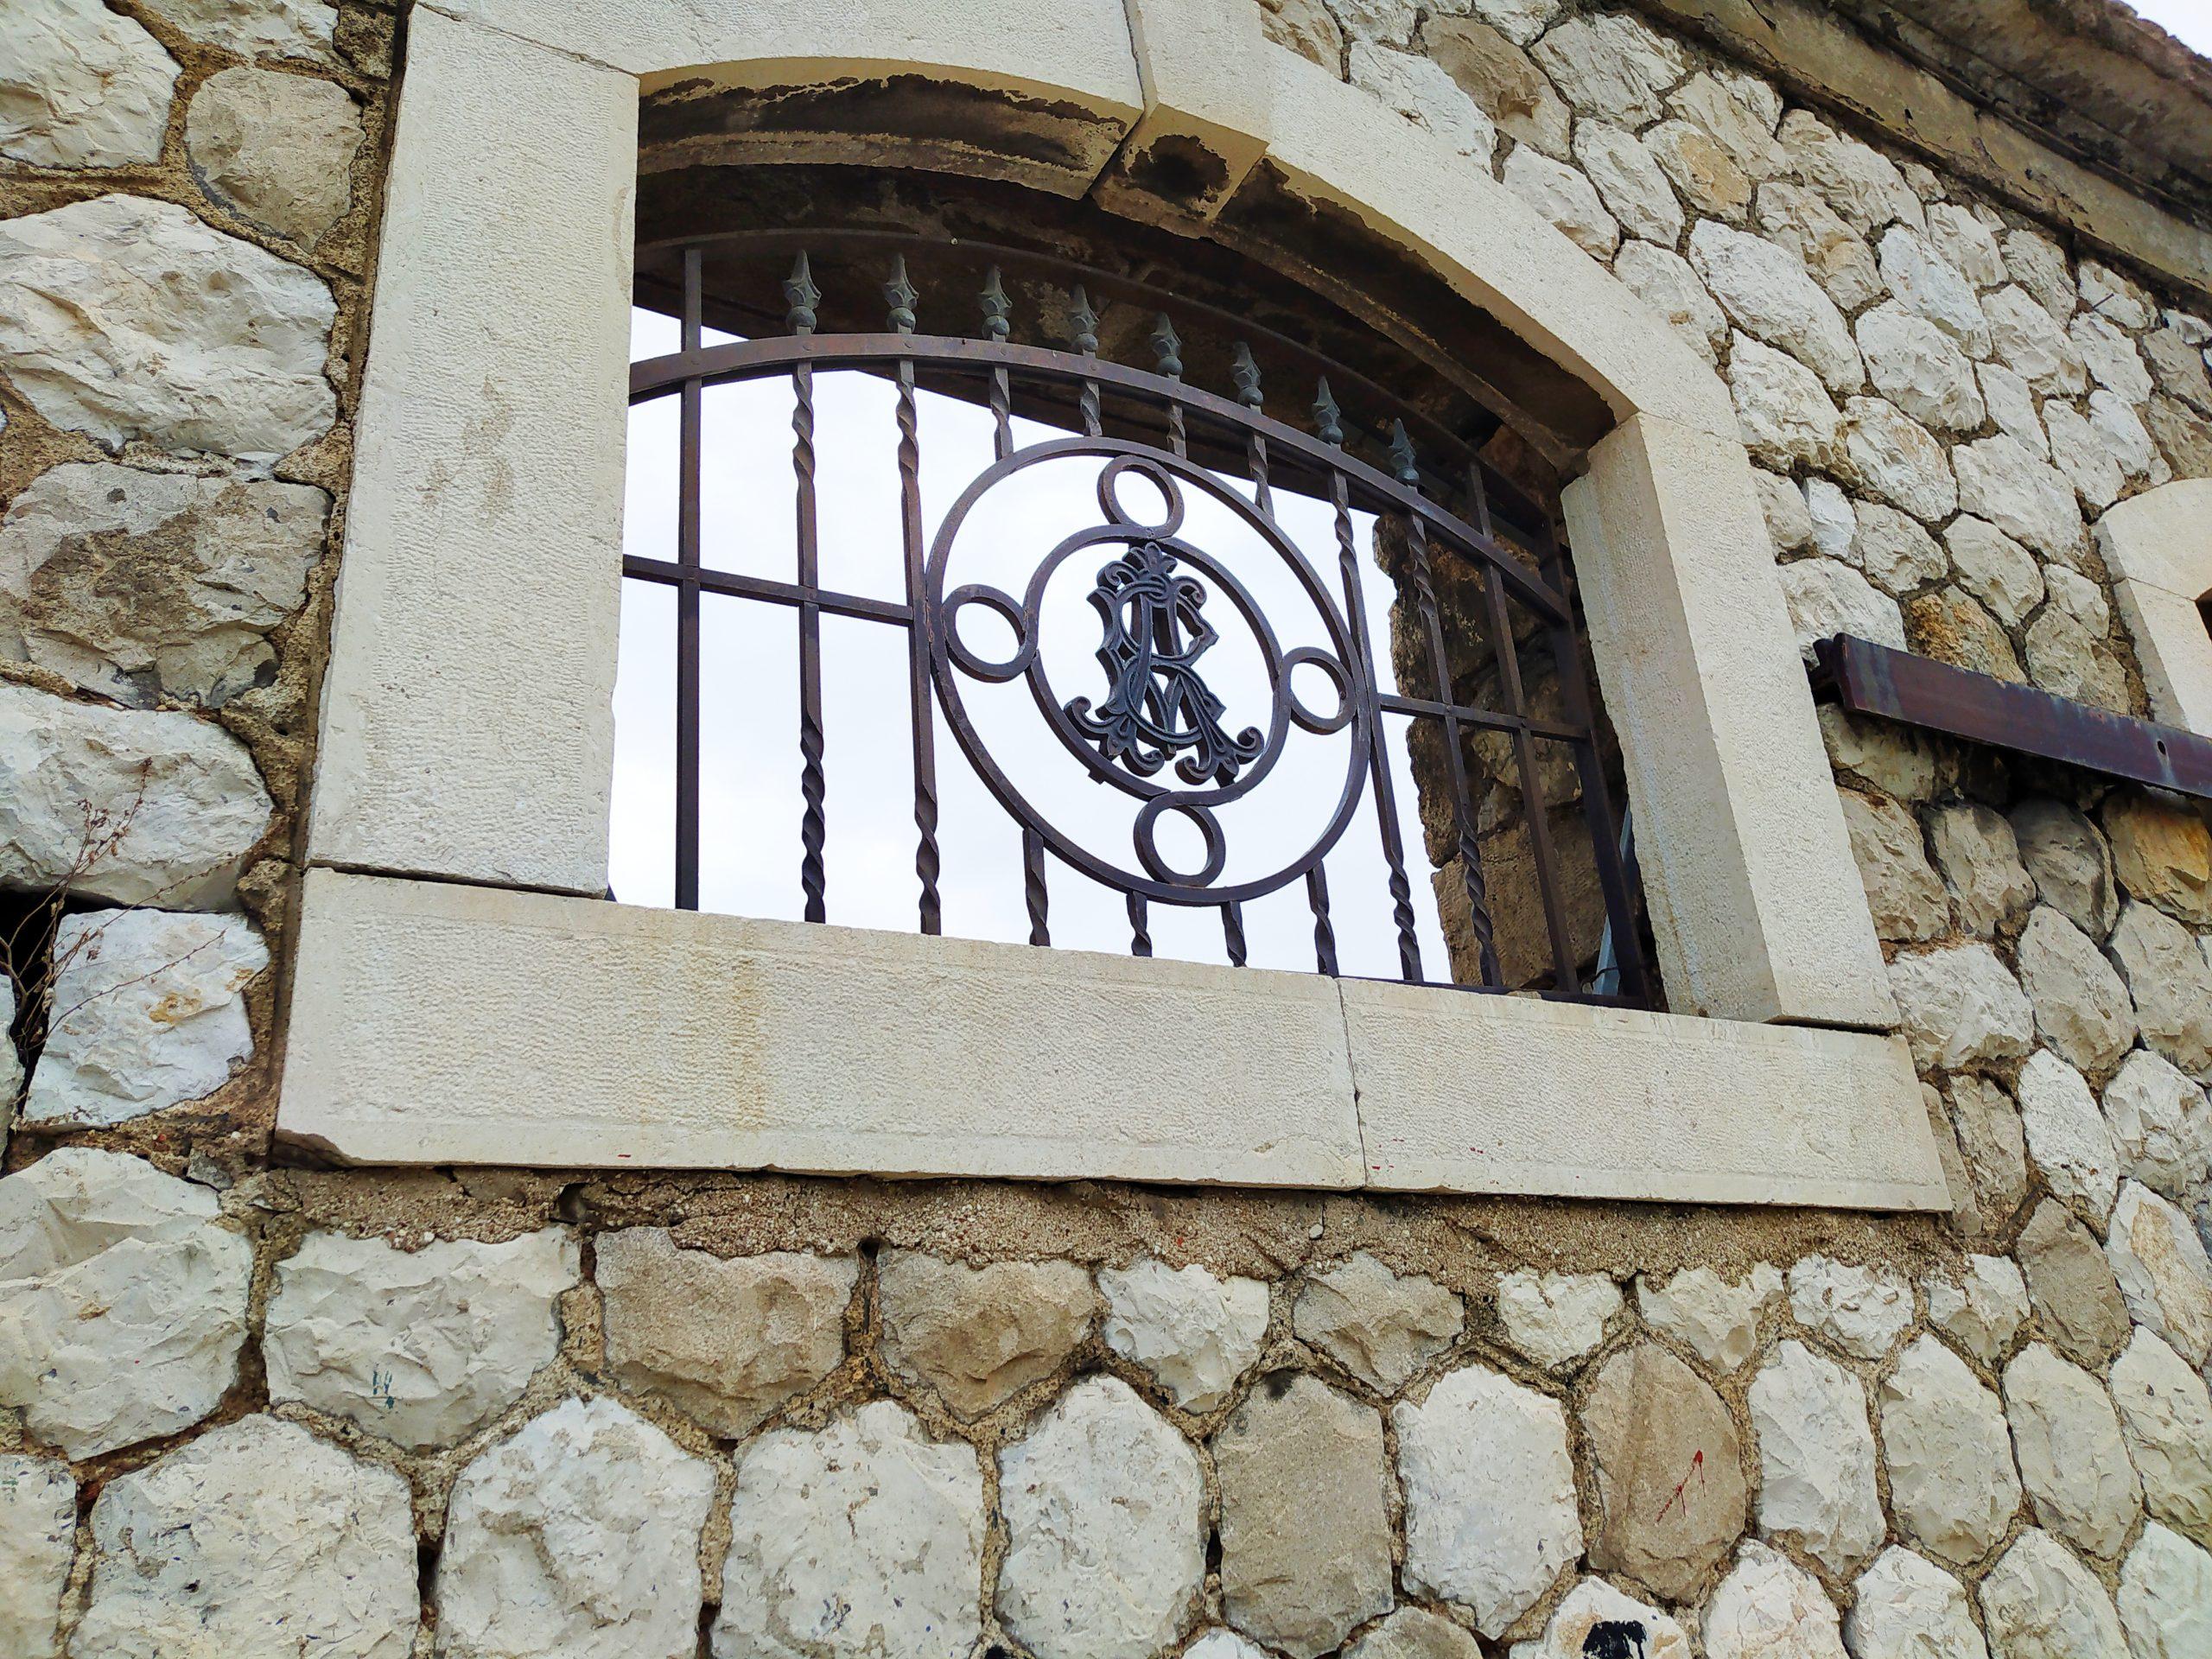 Σταφιδικές ιστορίες της Πάτρας, Οίκος Βουρλούμη